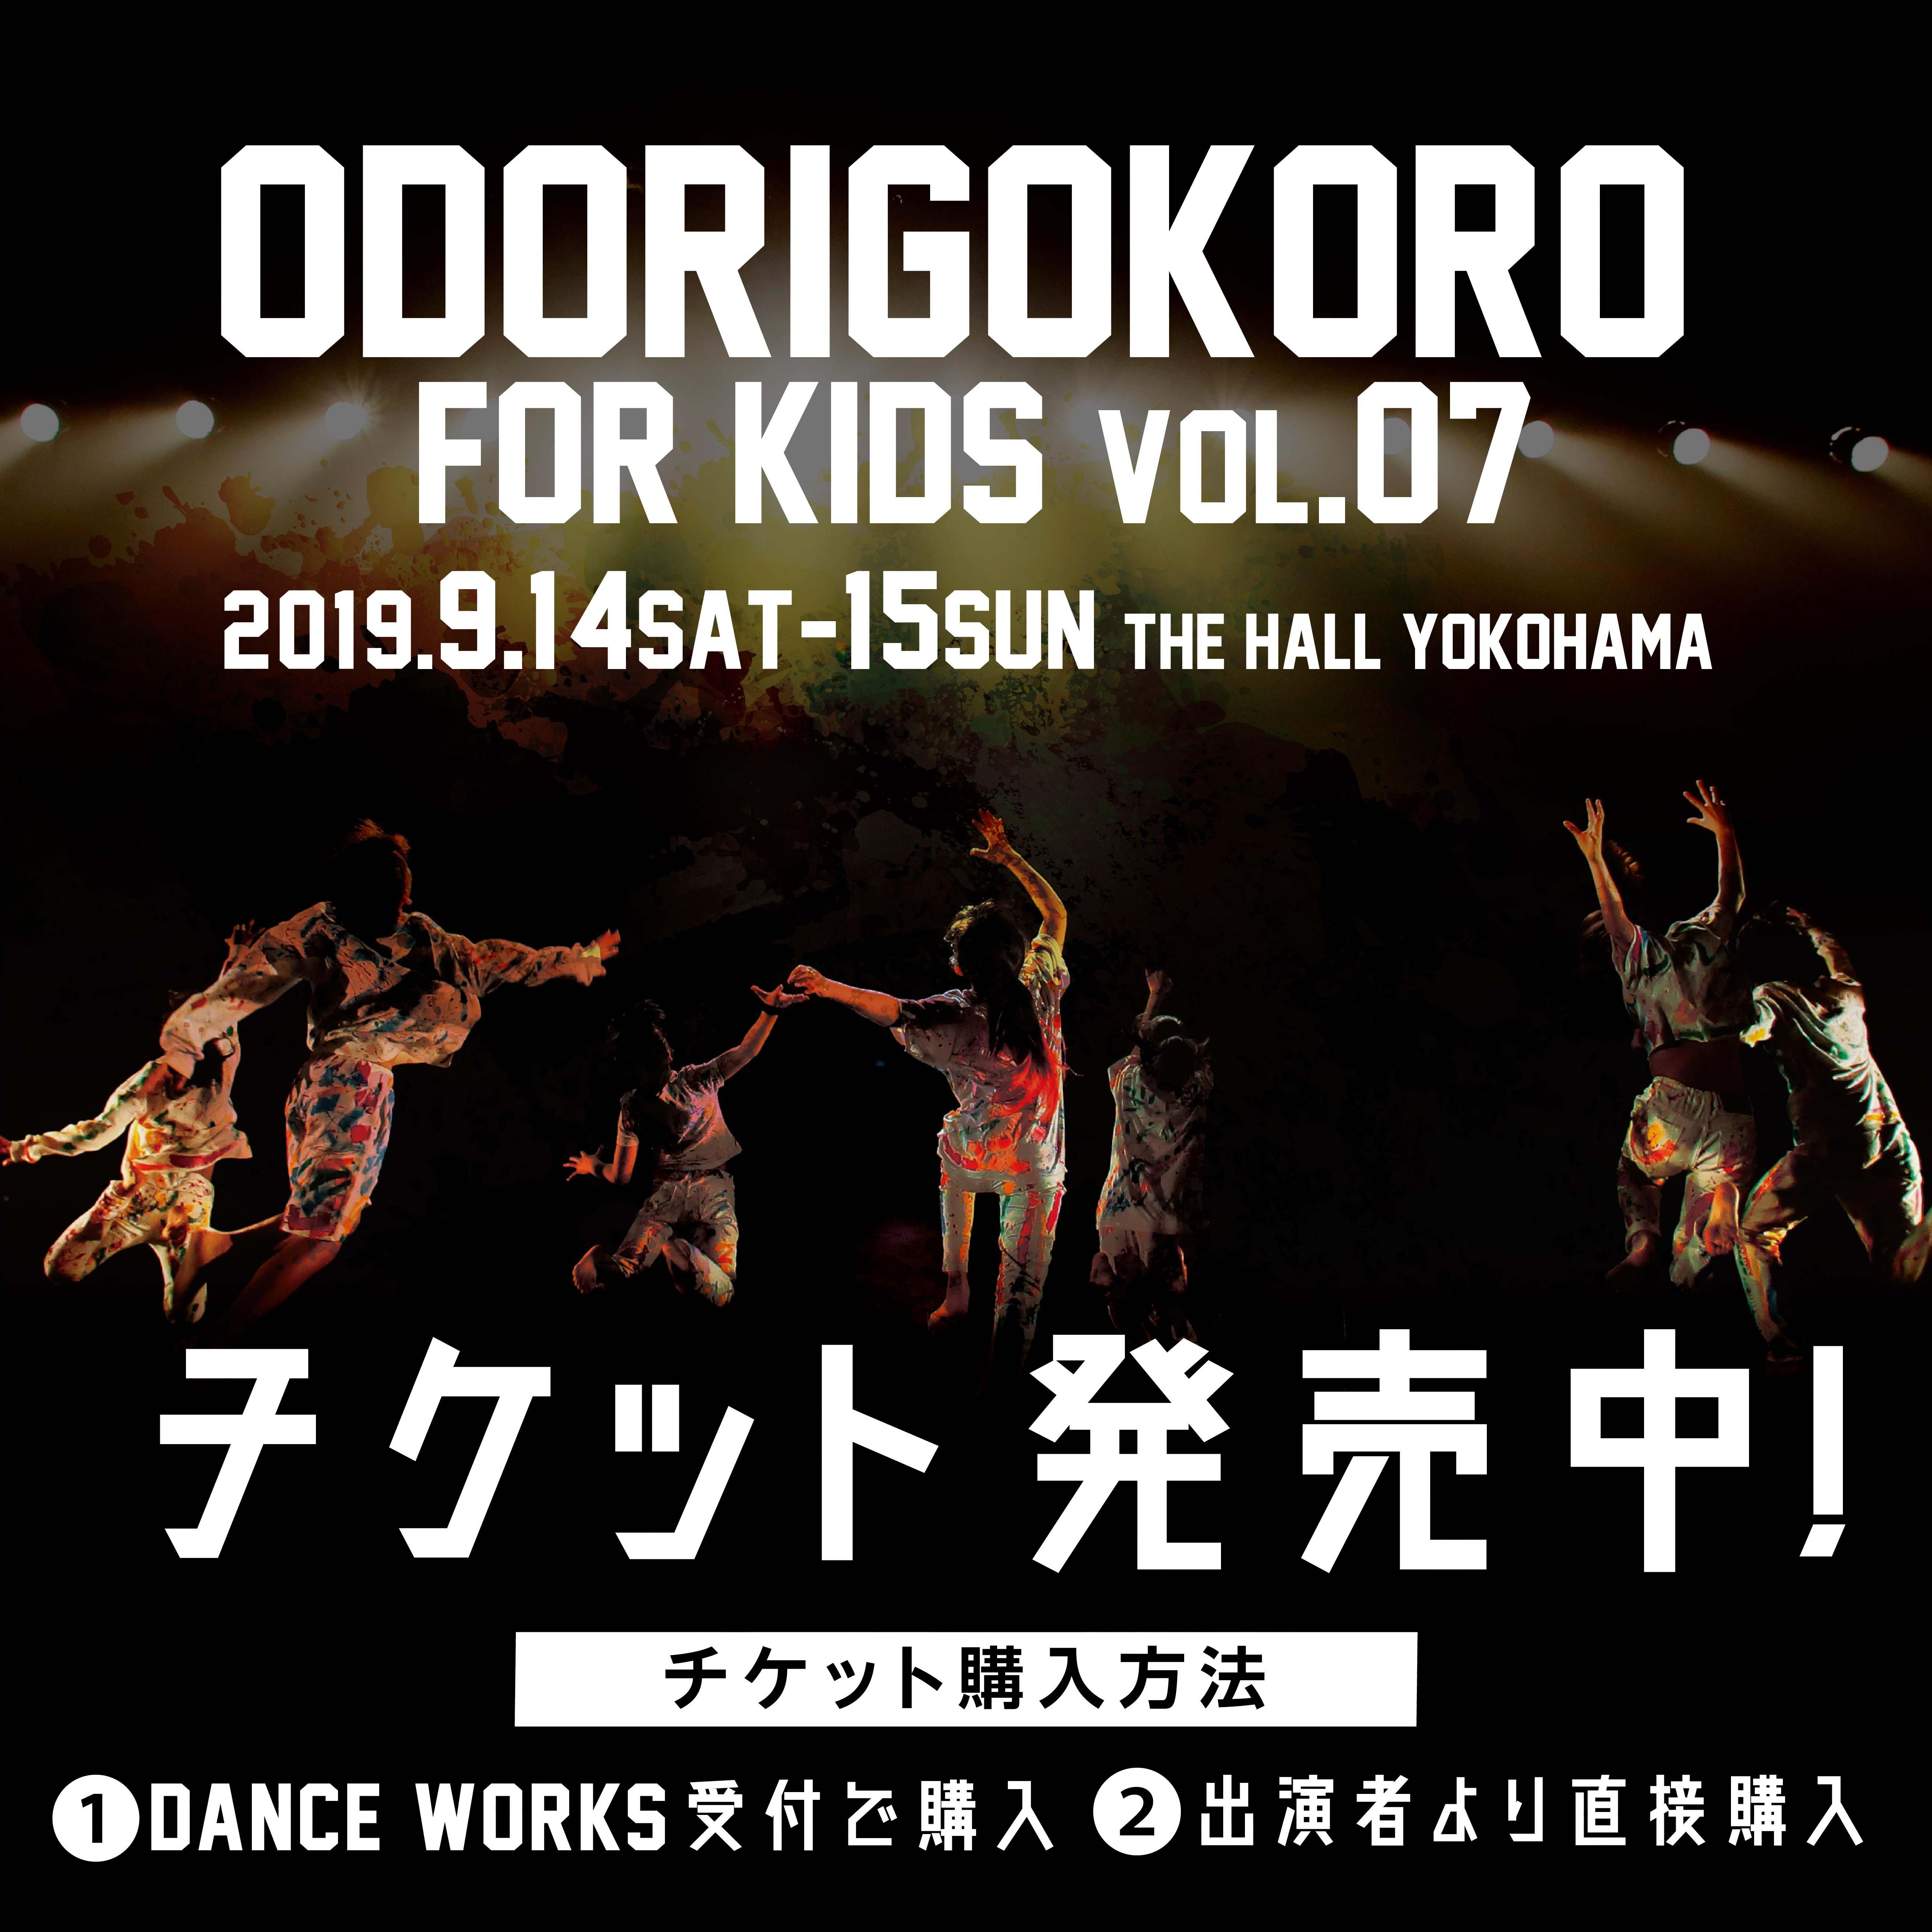 ODORIGOKORO for KIDS vol.7 チケット販売がスタート!!